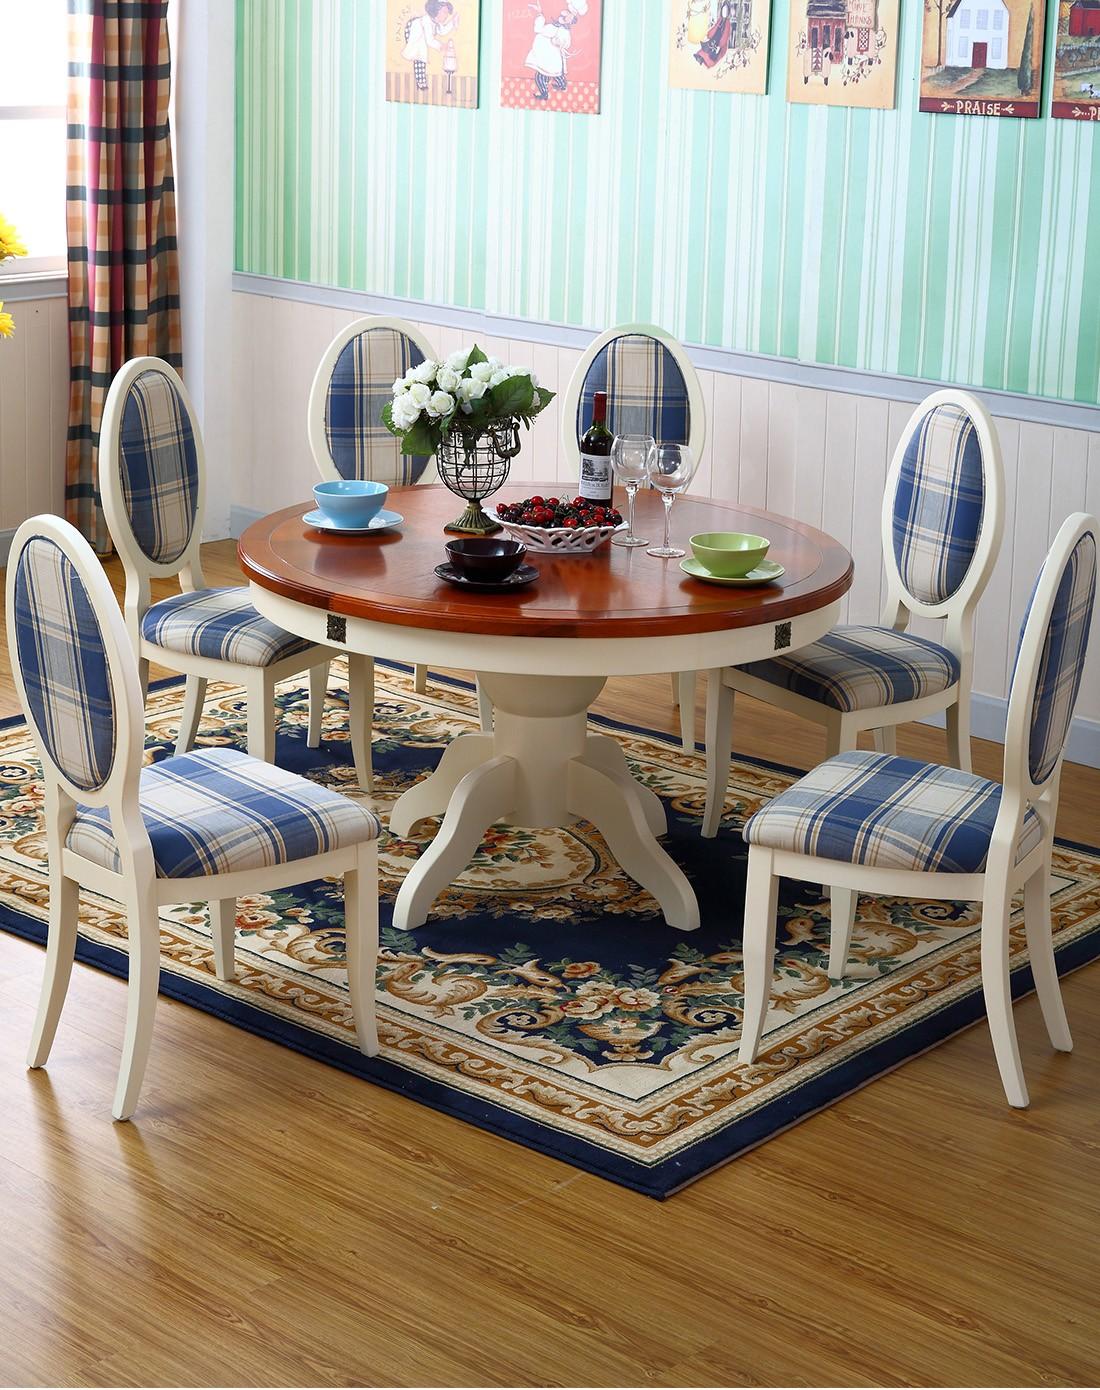 巨宝家具专场美式乡村全实木餐桌地中海风格圆形饭桌